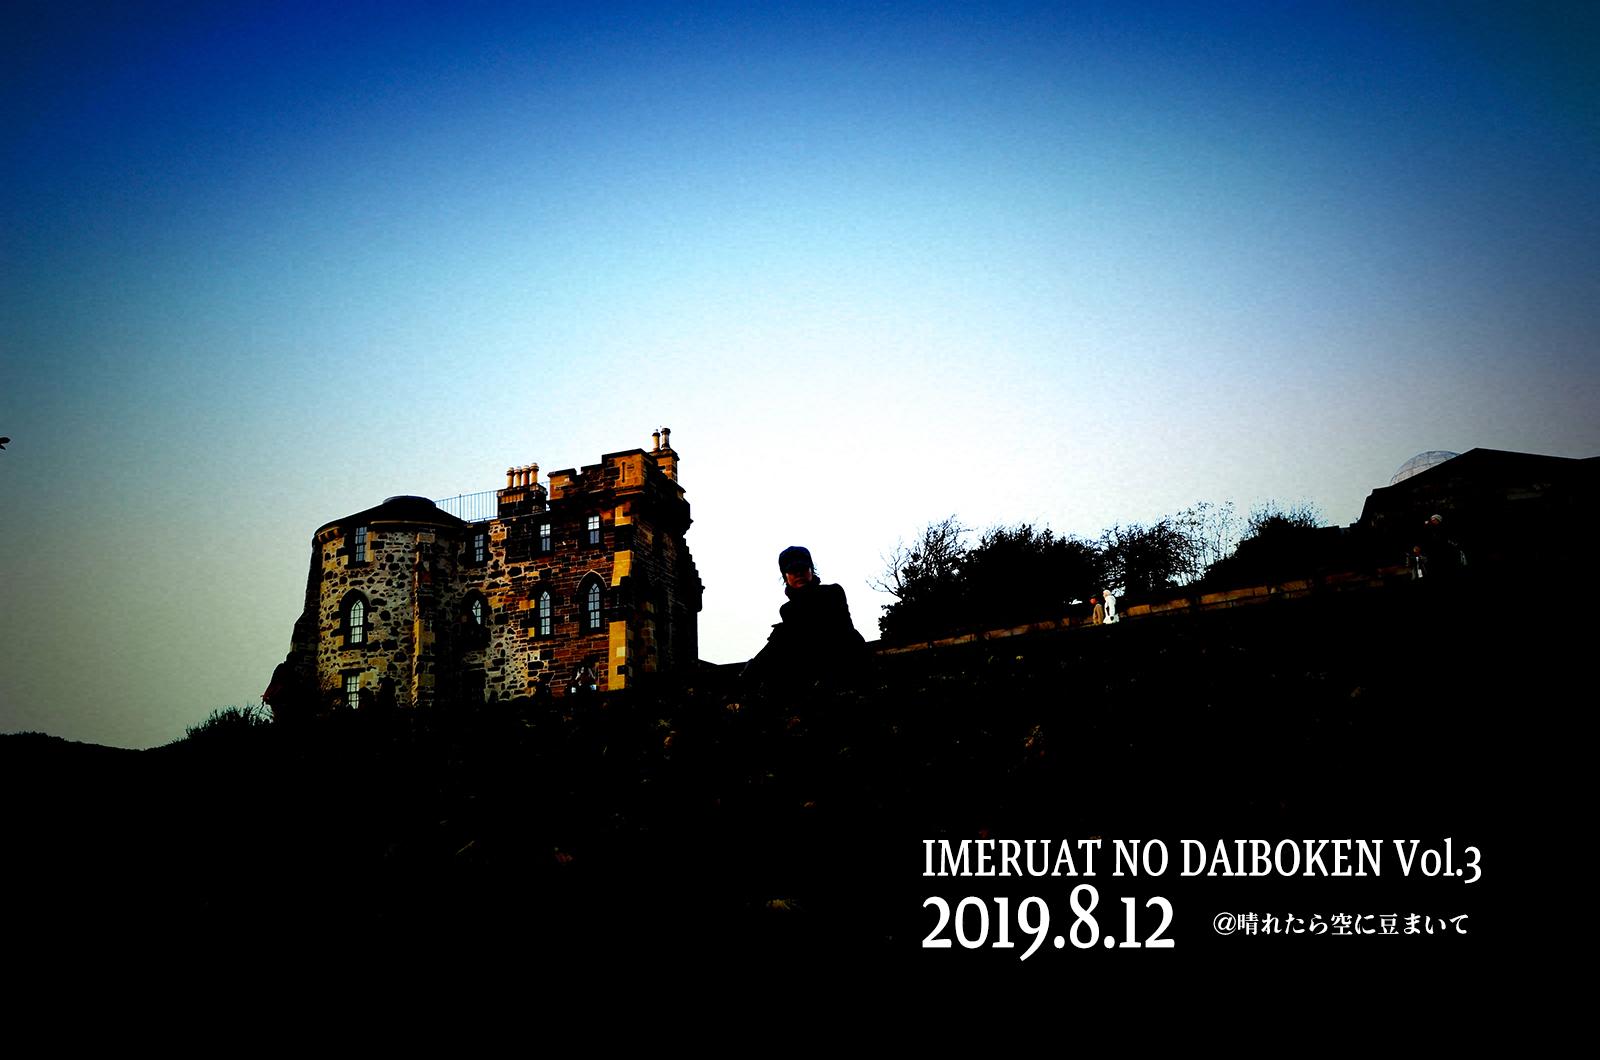 IMERUAT LIVE 2019 イメルアの大冒険 Vol.3